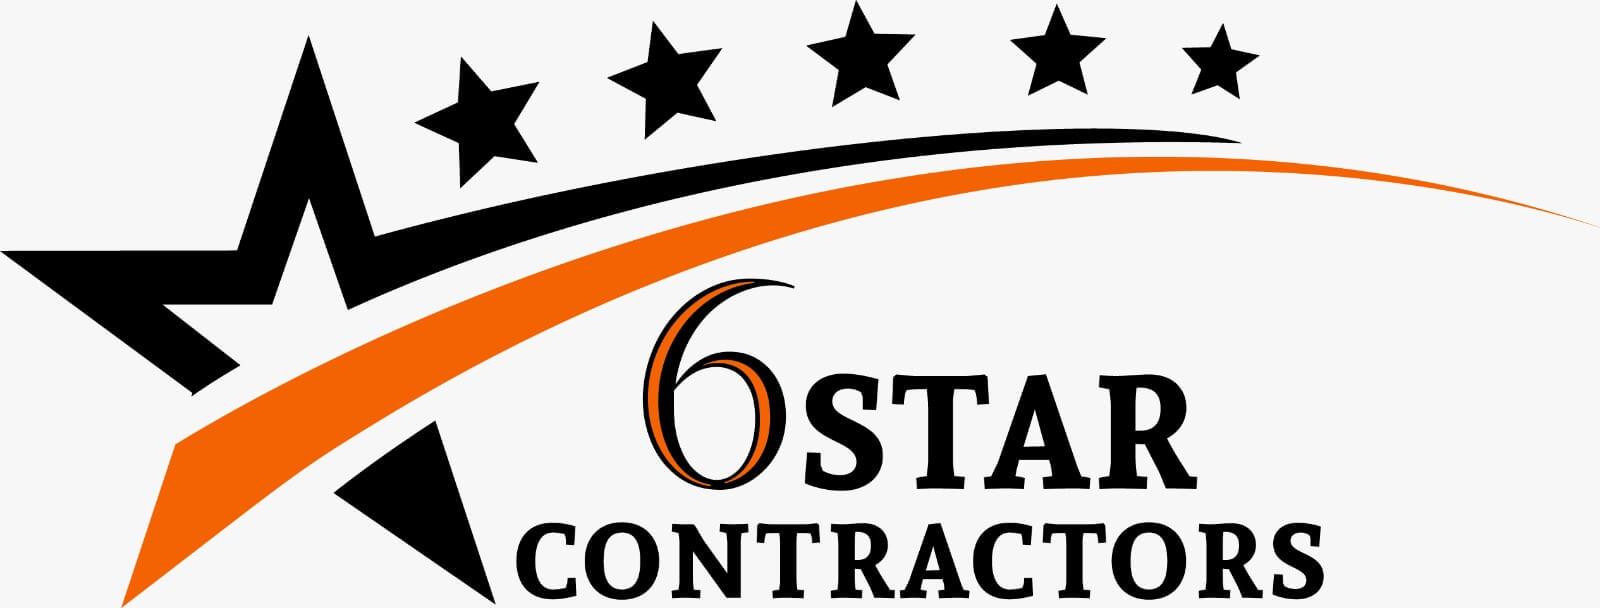 6 Star Constructors